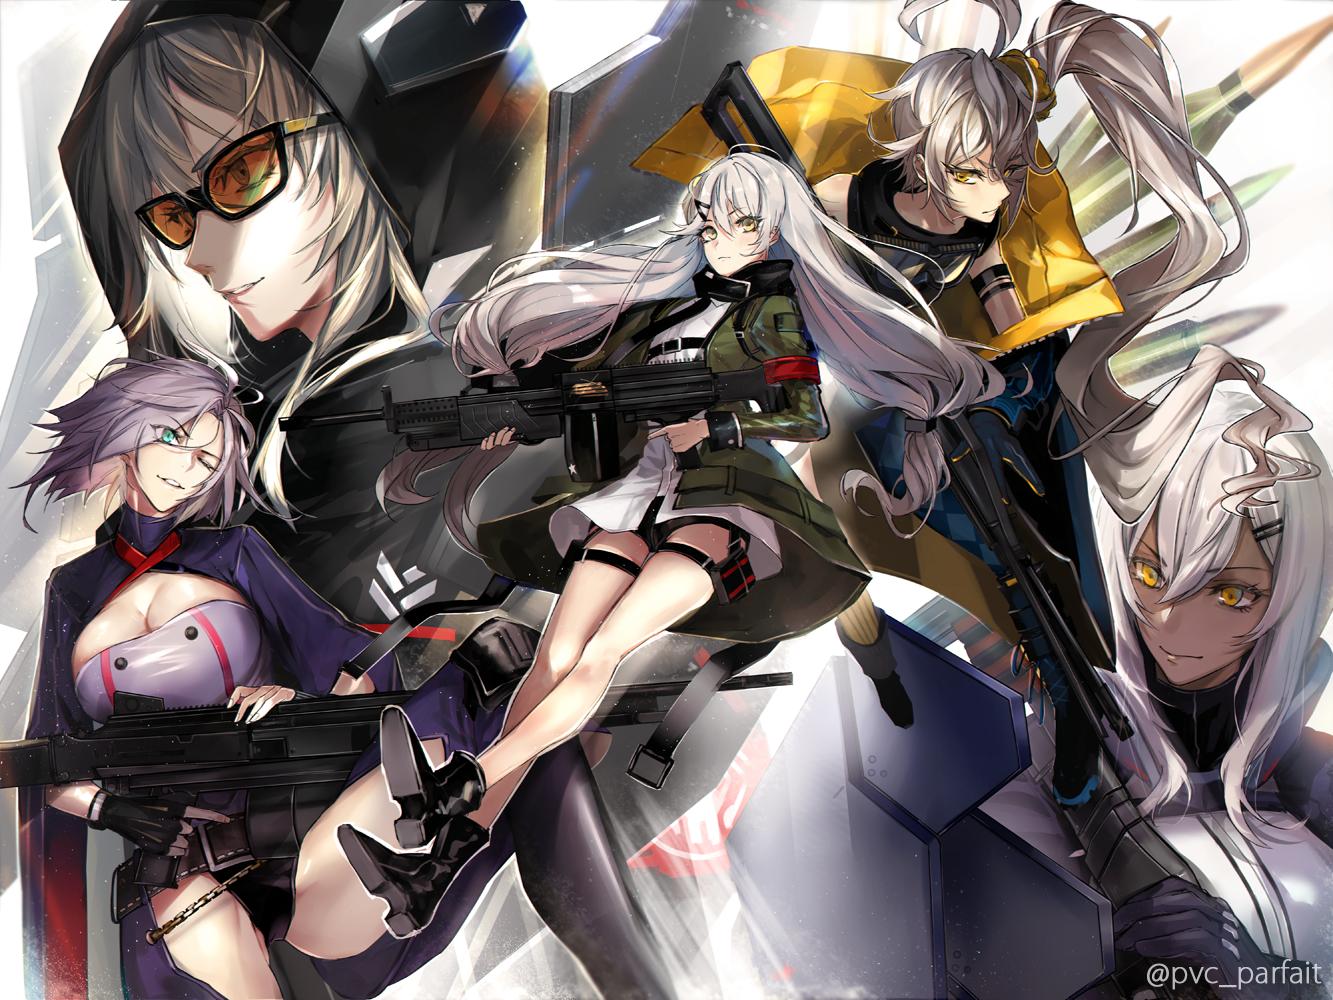 Wallpaper Anime Girls Girls Frontline Ketten 1333x1000